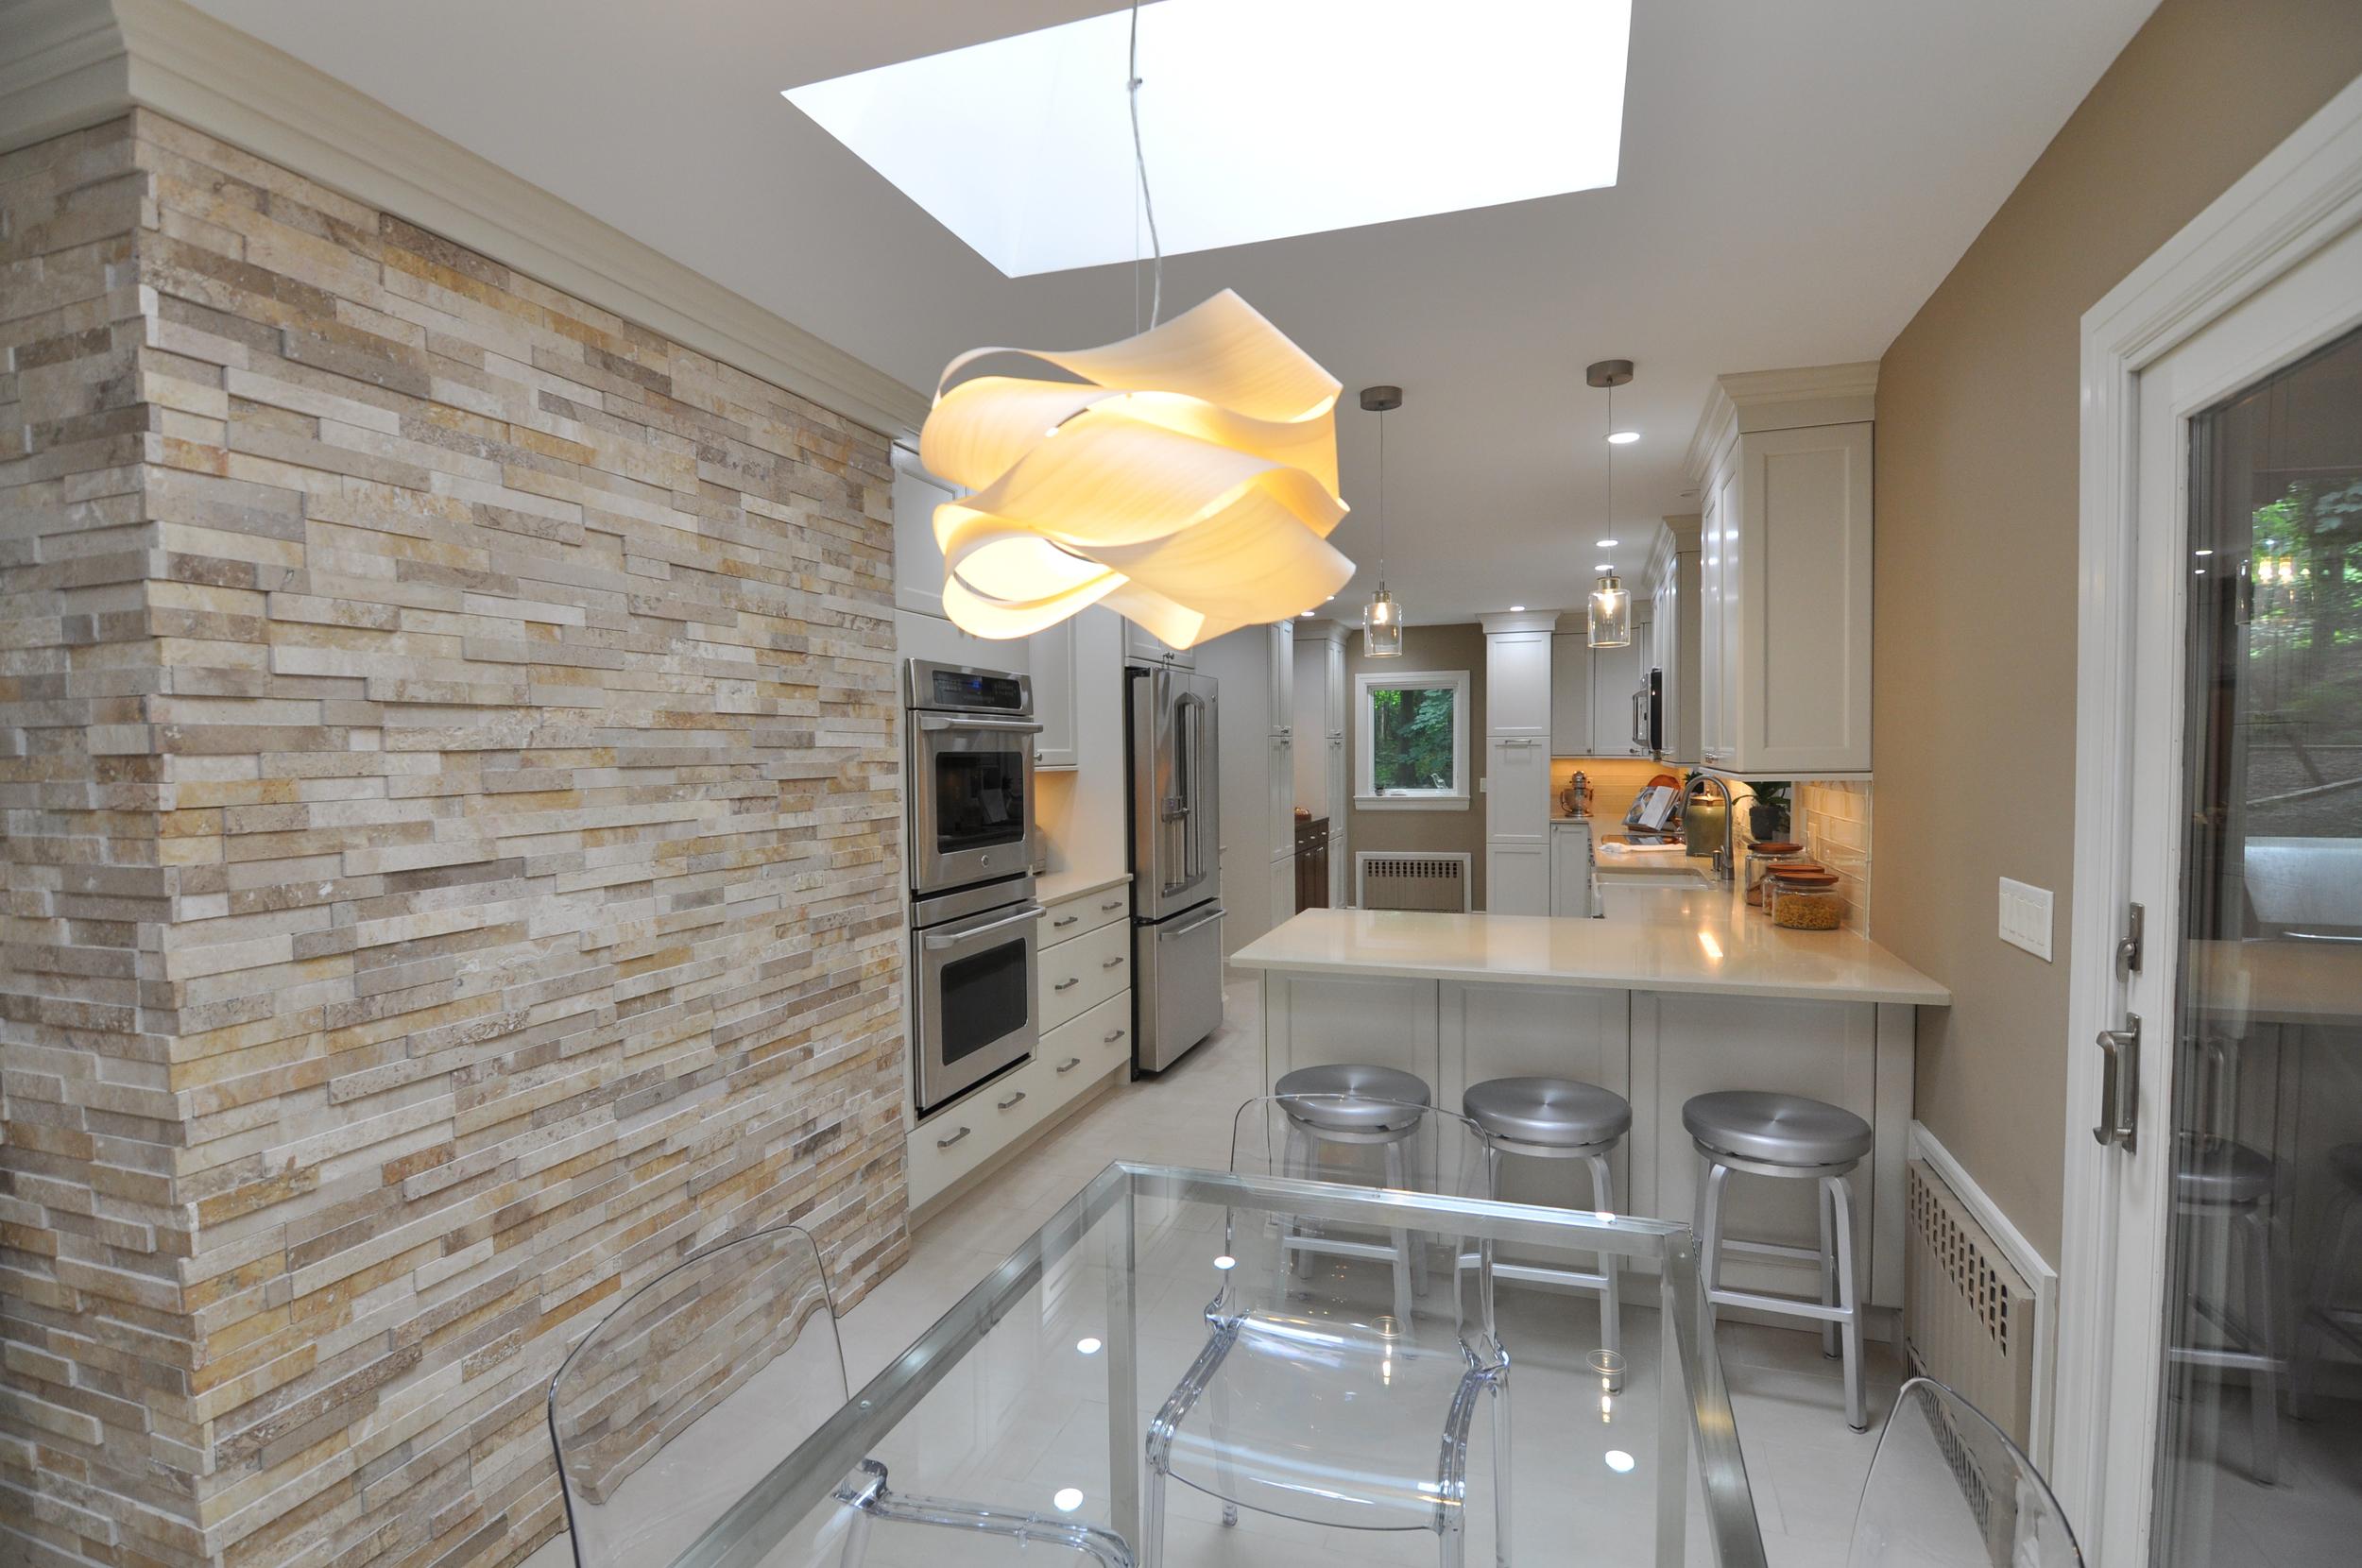 KAM DESIGN LLC_Kitchen Remodel Ideas_Kitchen Renovation Ideas_Modern Kitchen_Stone Interior Wall_Modern Kitchen Pendatns_White Kitchen Cabinets.jpg